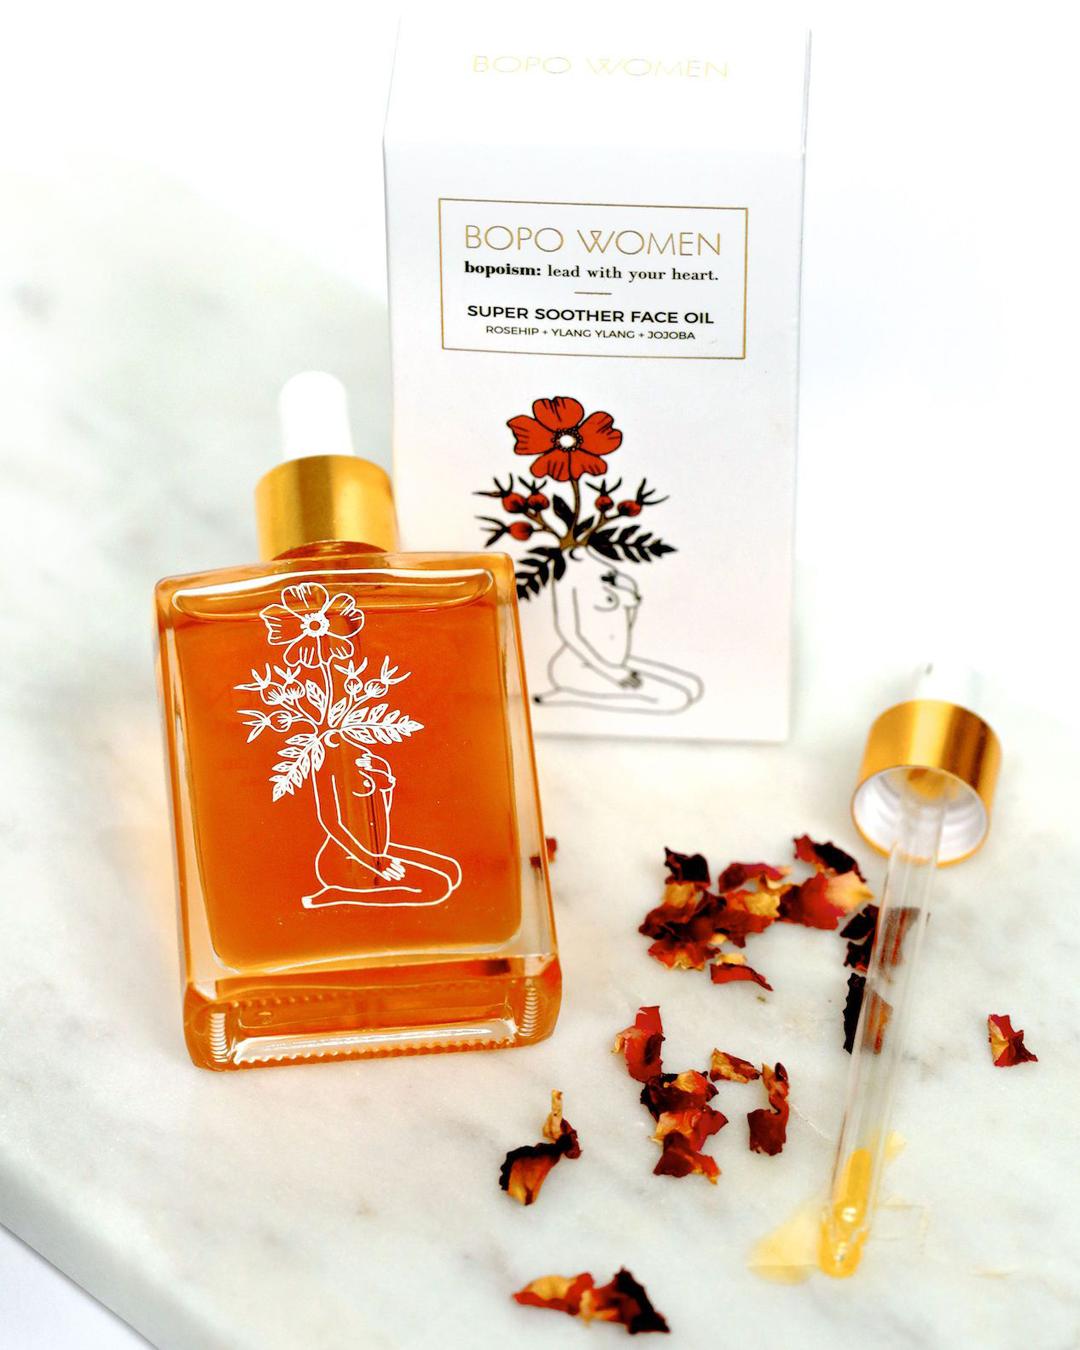 An orange facial oil in a rectangular glass bottle set amongst rose petals